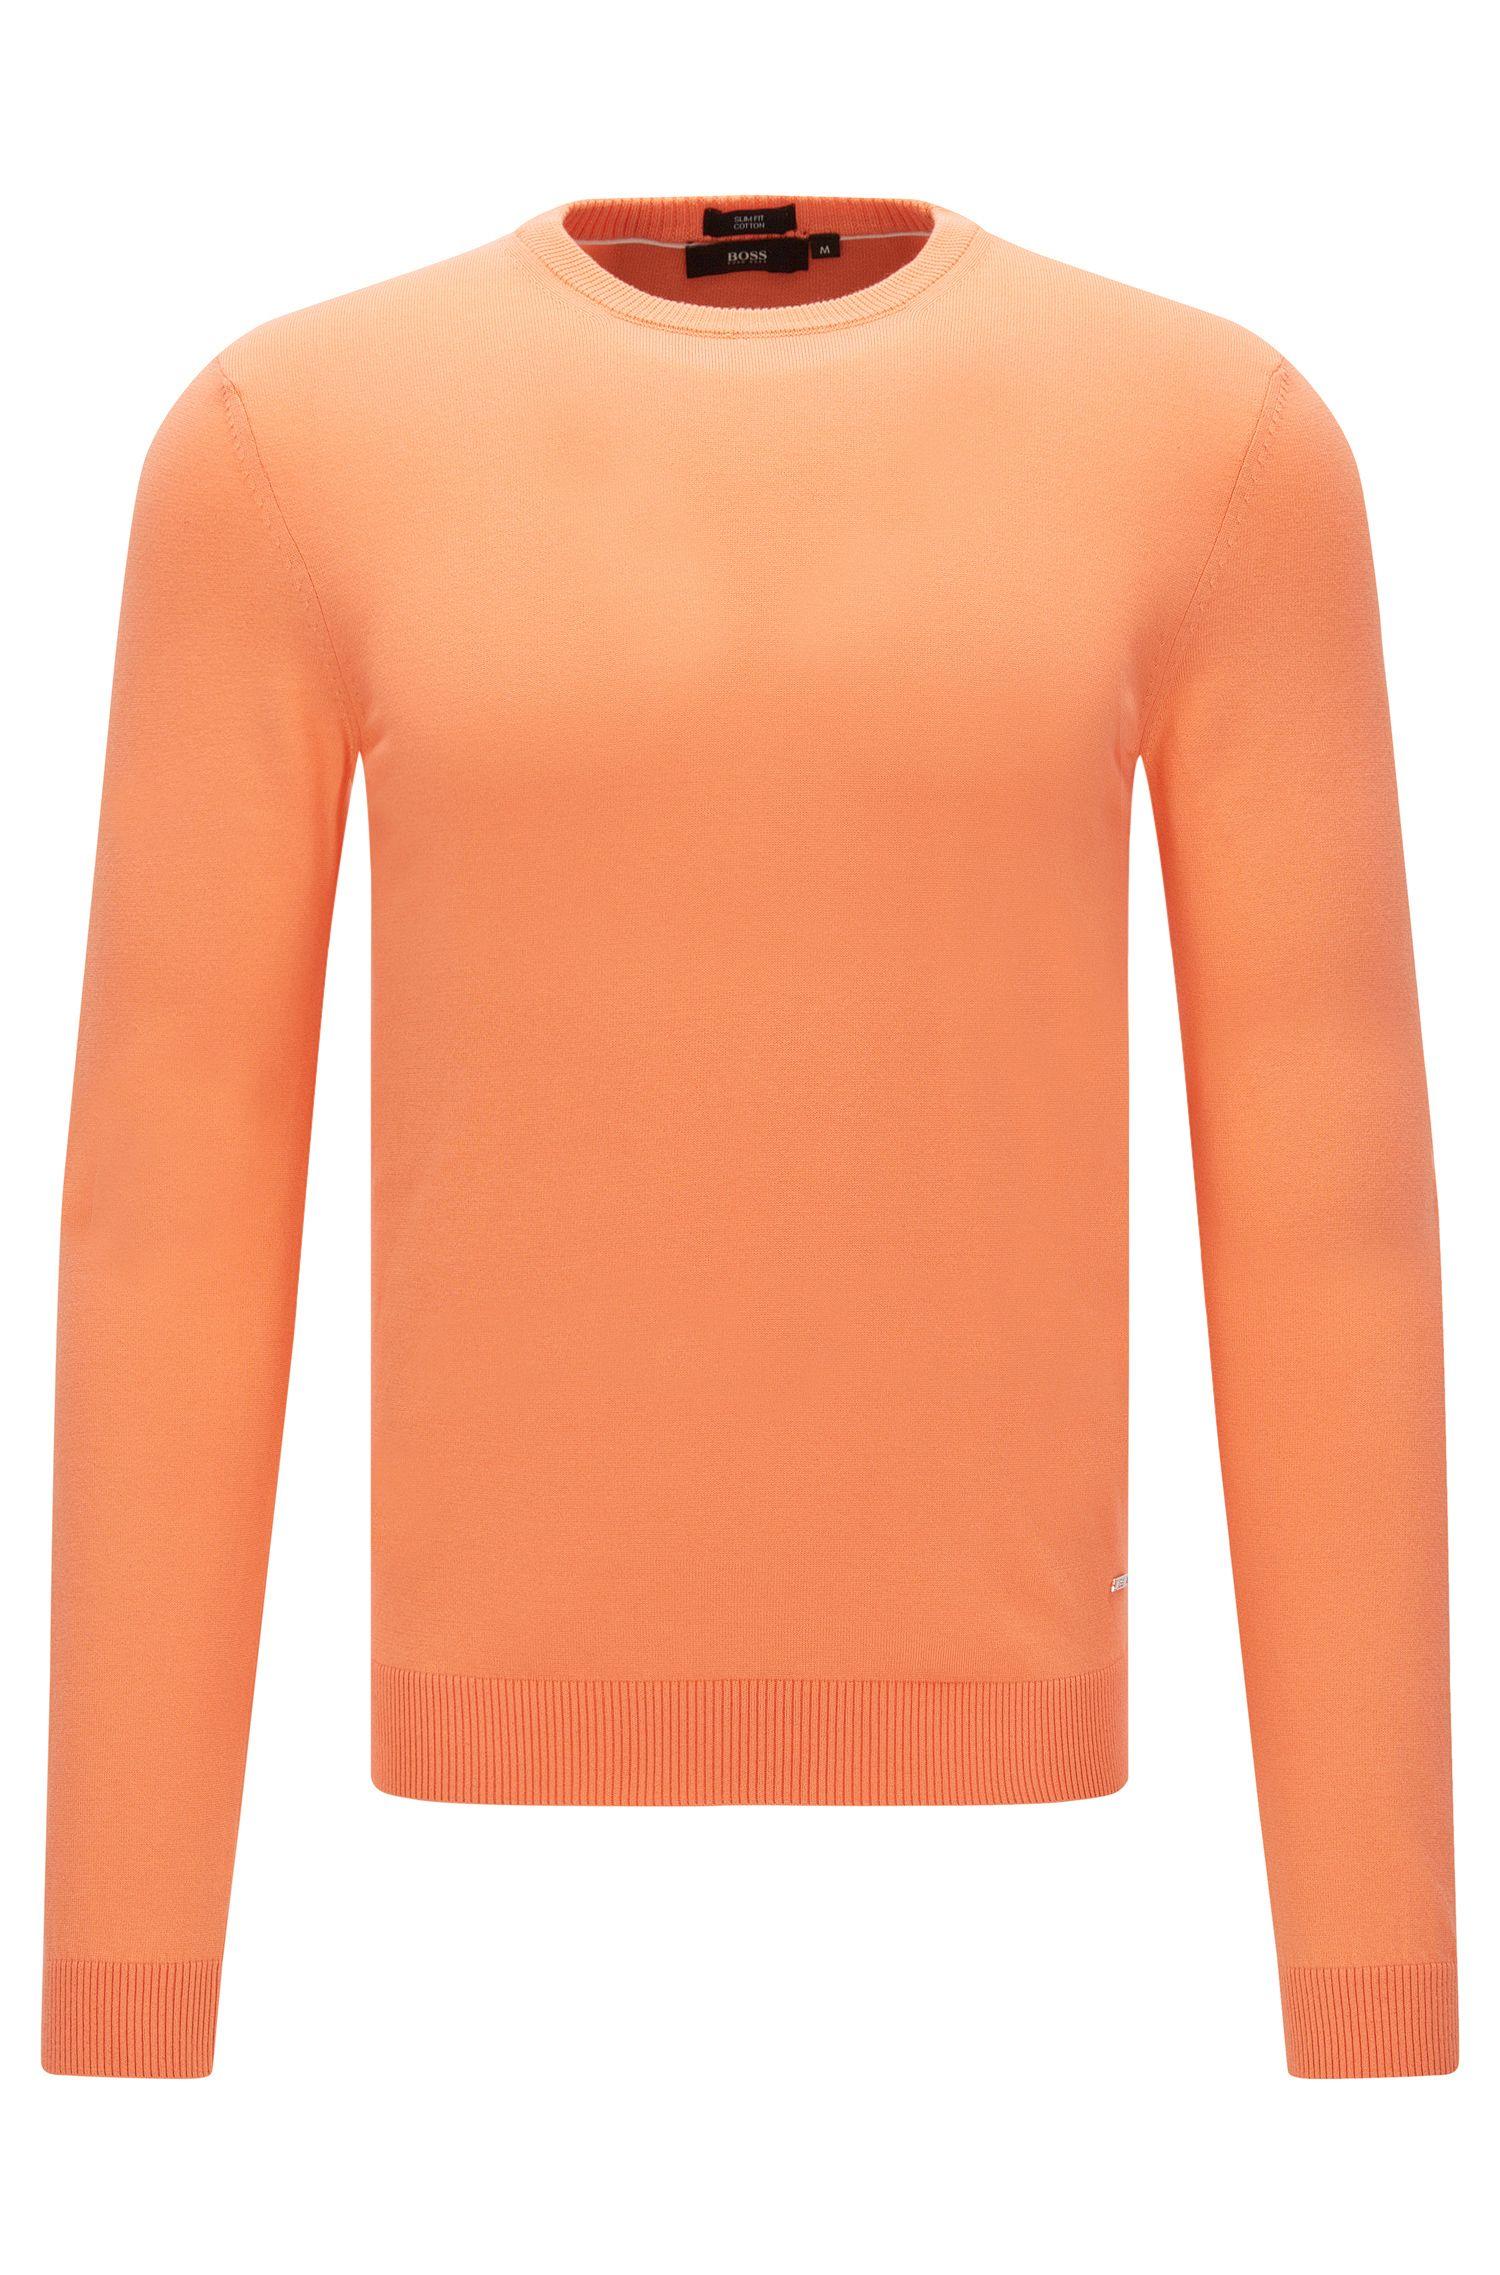 Plain-coloured slim-fit sweater in cotton: 'Fabello-O'